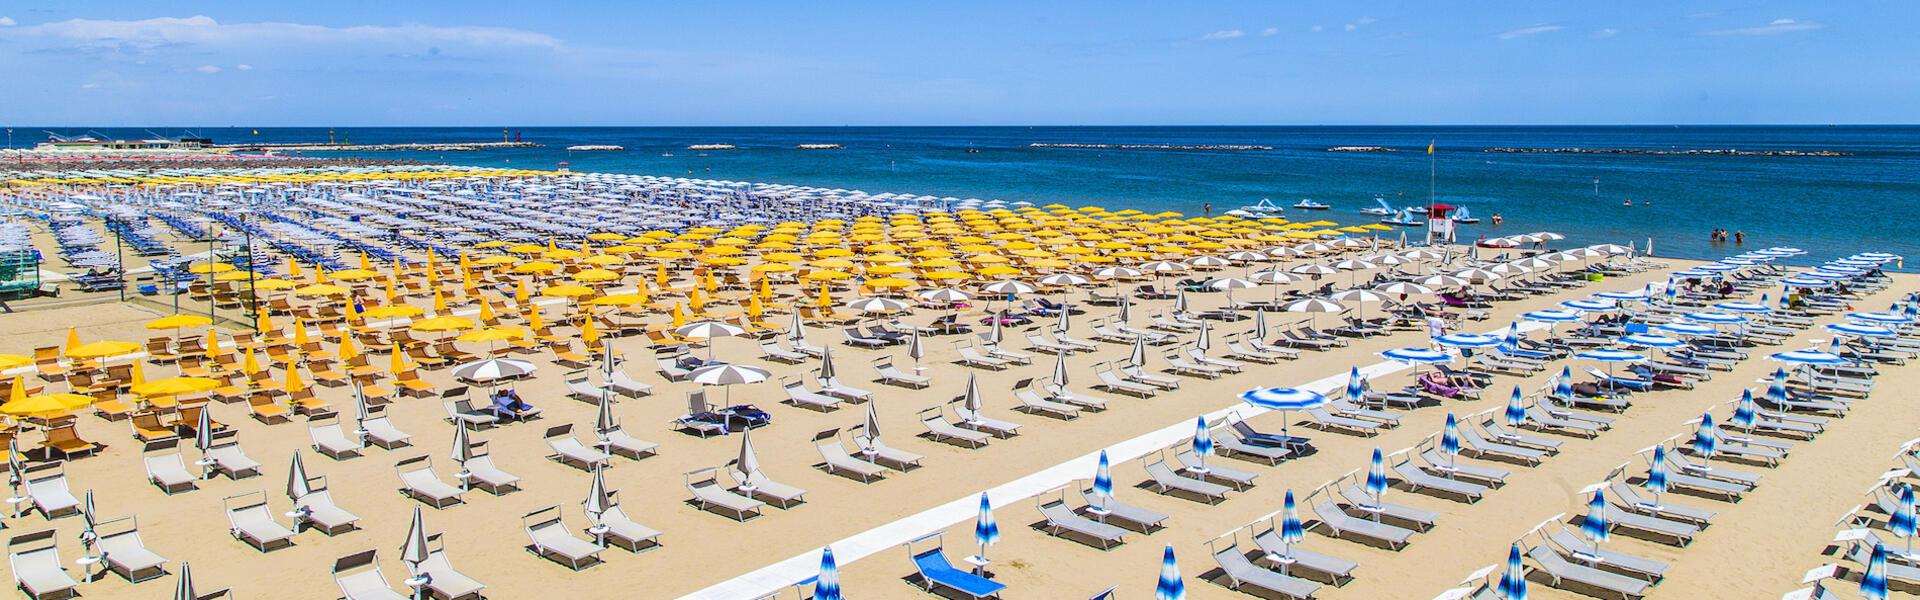 hotelkennedy it offerta-piano-famiglia-in-hotel-3-stelle-a-rimini-marina-centro 006